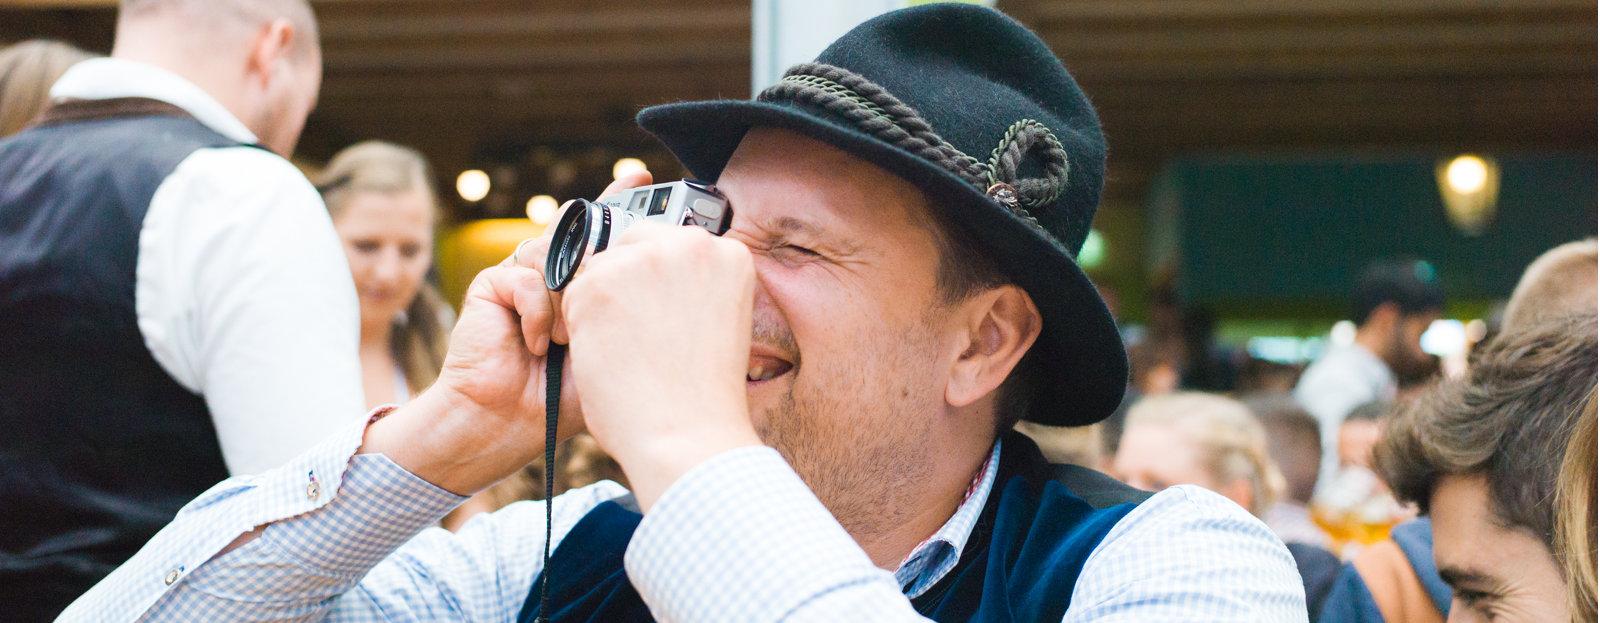 Unser Agenturchef Jörg macht ein Foto auf der Wiesn